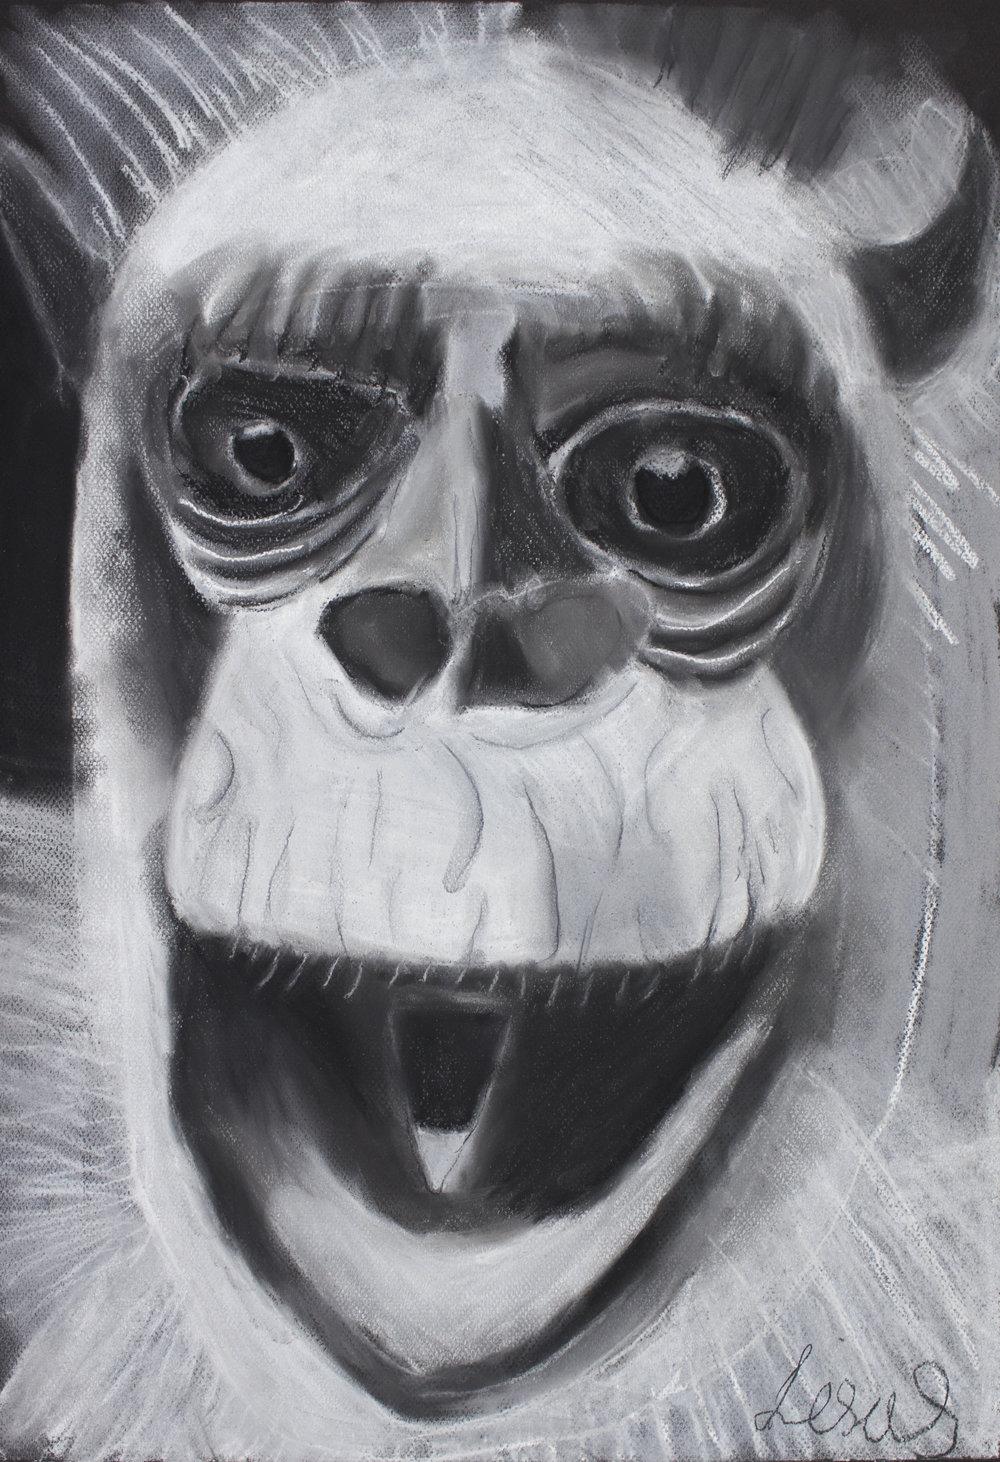 Laughing Chimpanzee, 2017, pastel on paper, 41x59cm